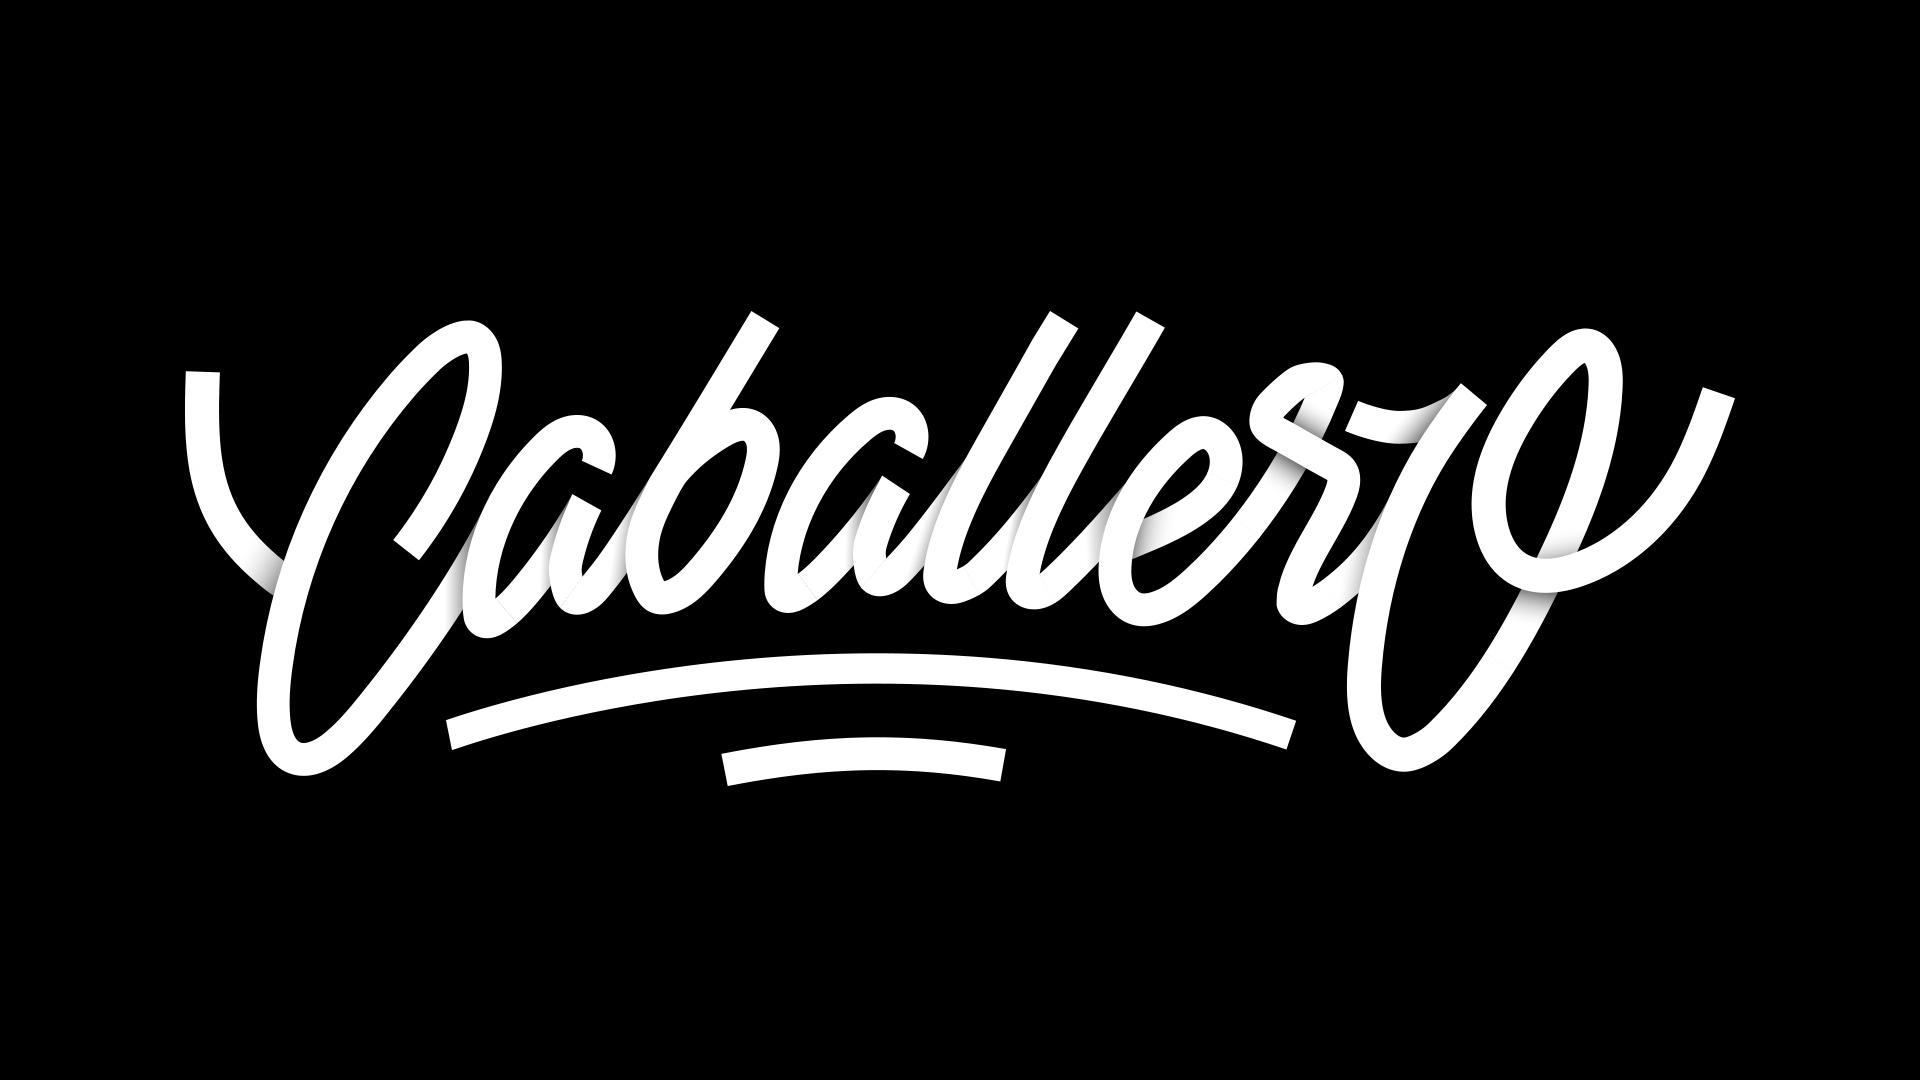 Caballero-1